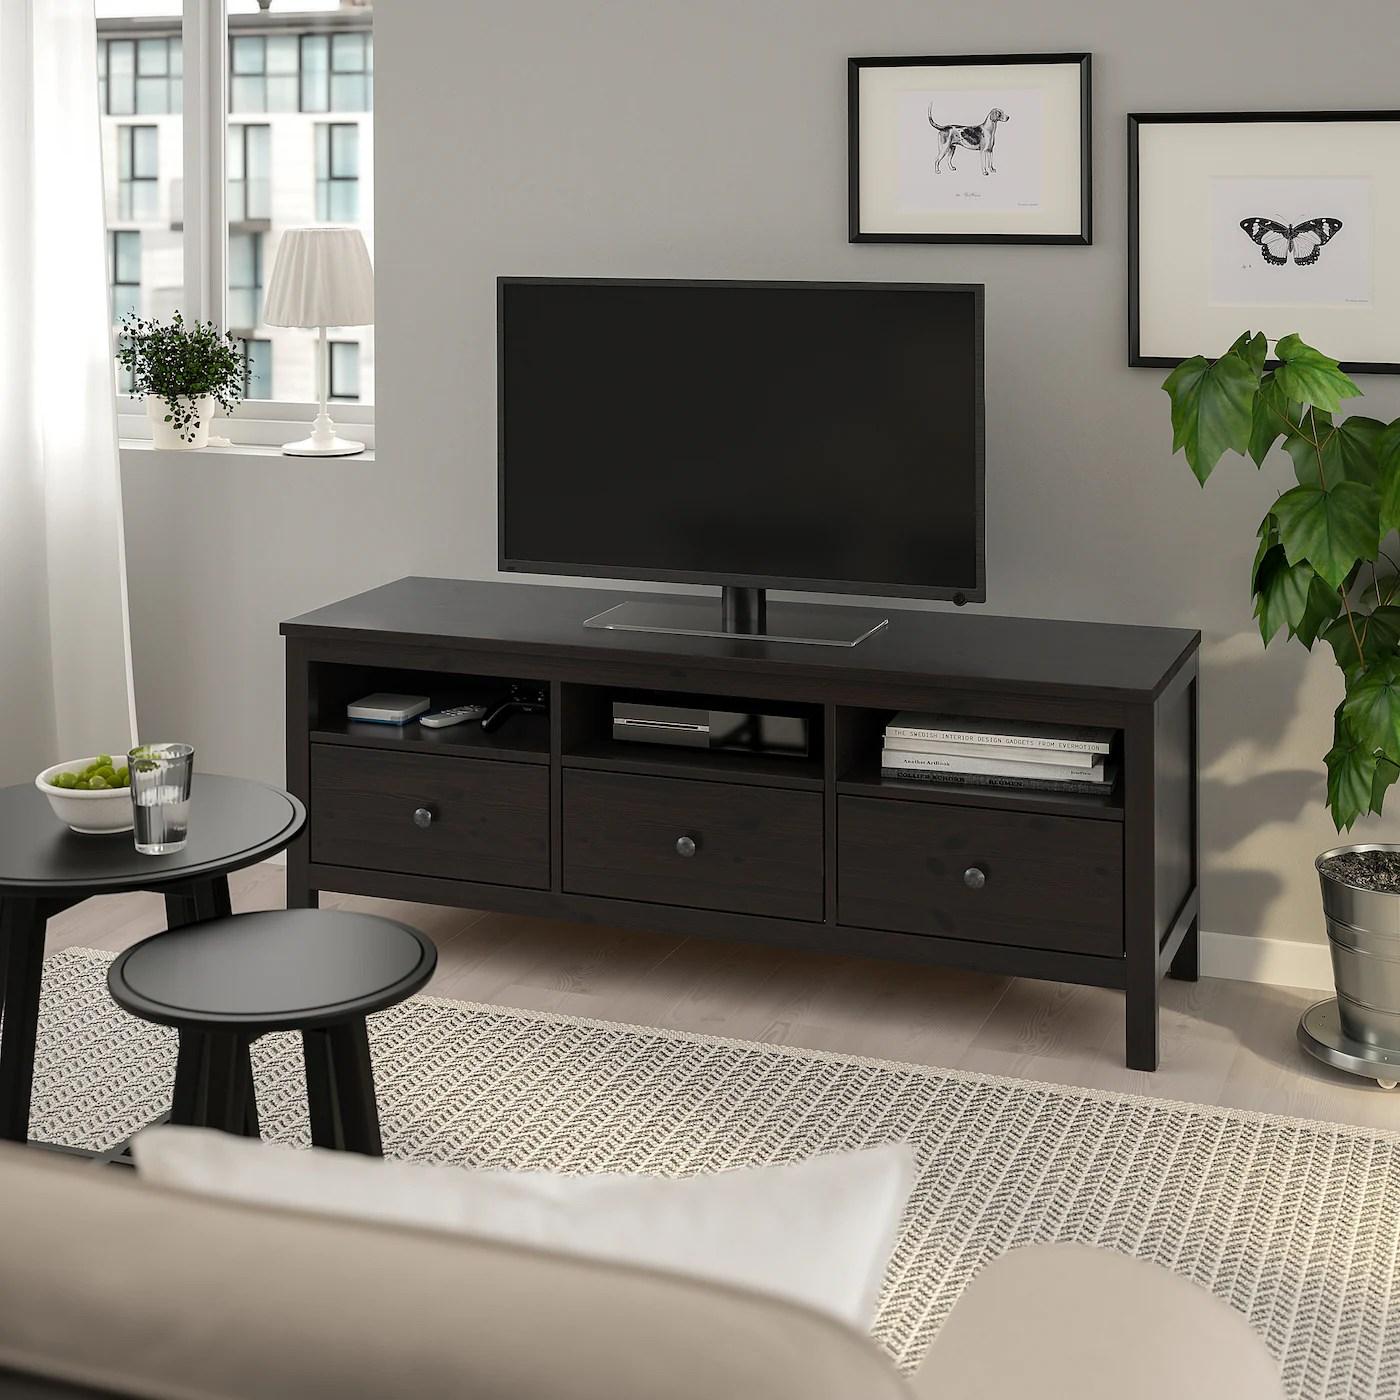 hemnes meuble tele brun noir 58 1 4x18 1 2x22 1 2 148x47x57 cm